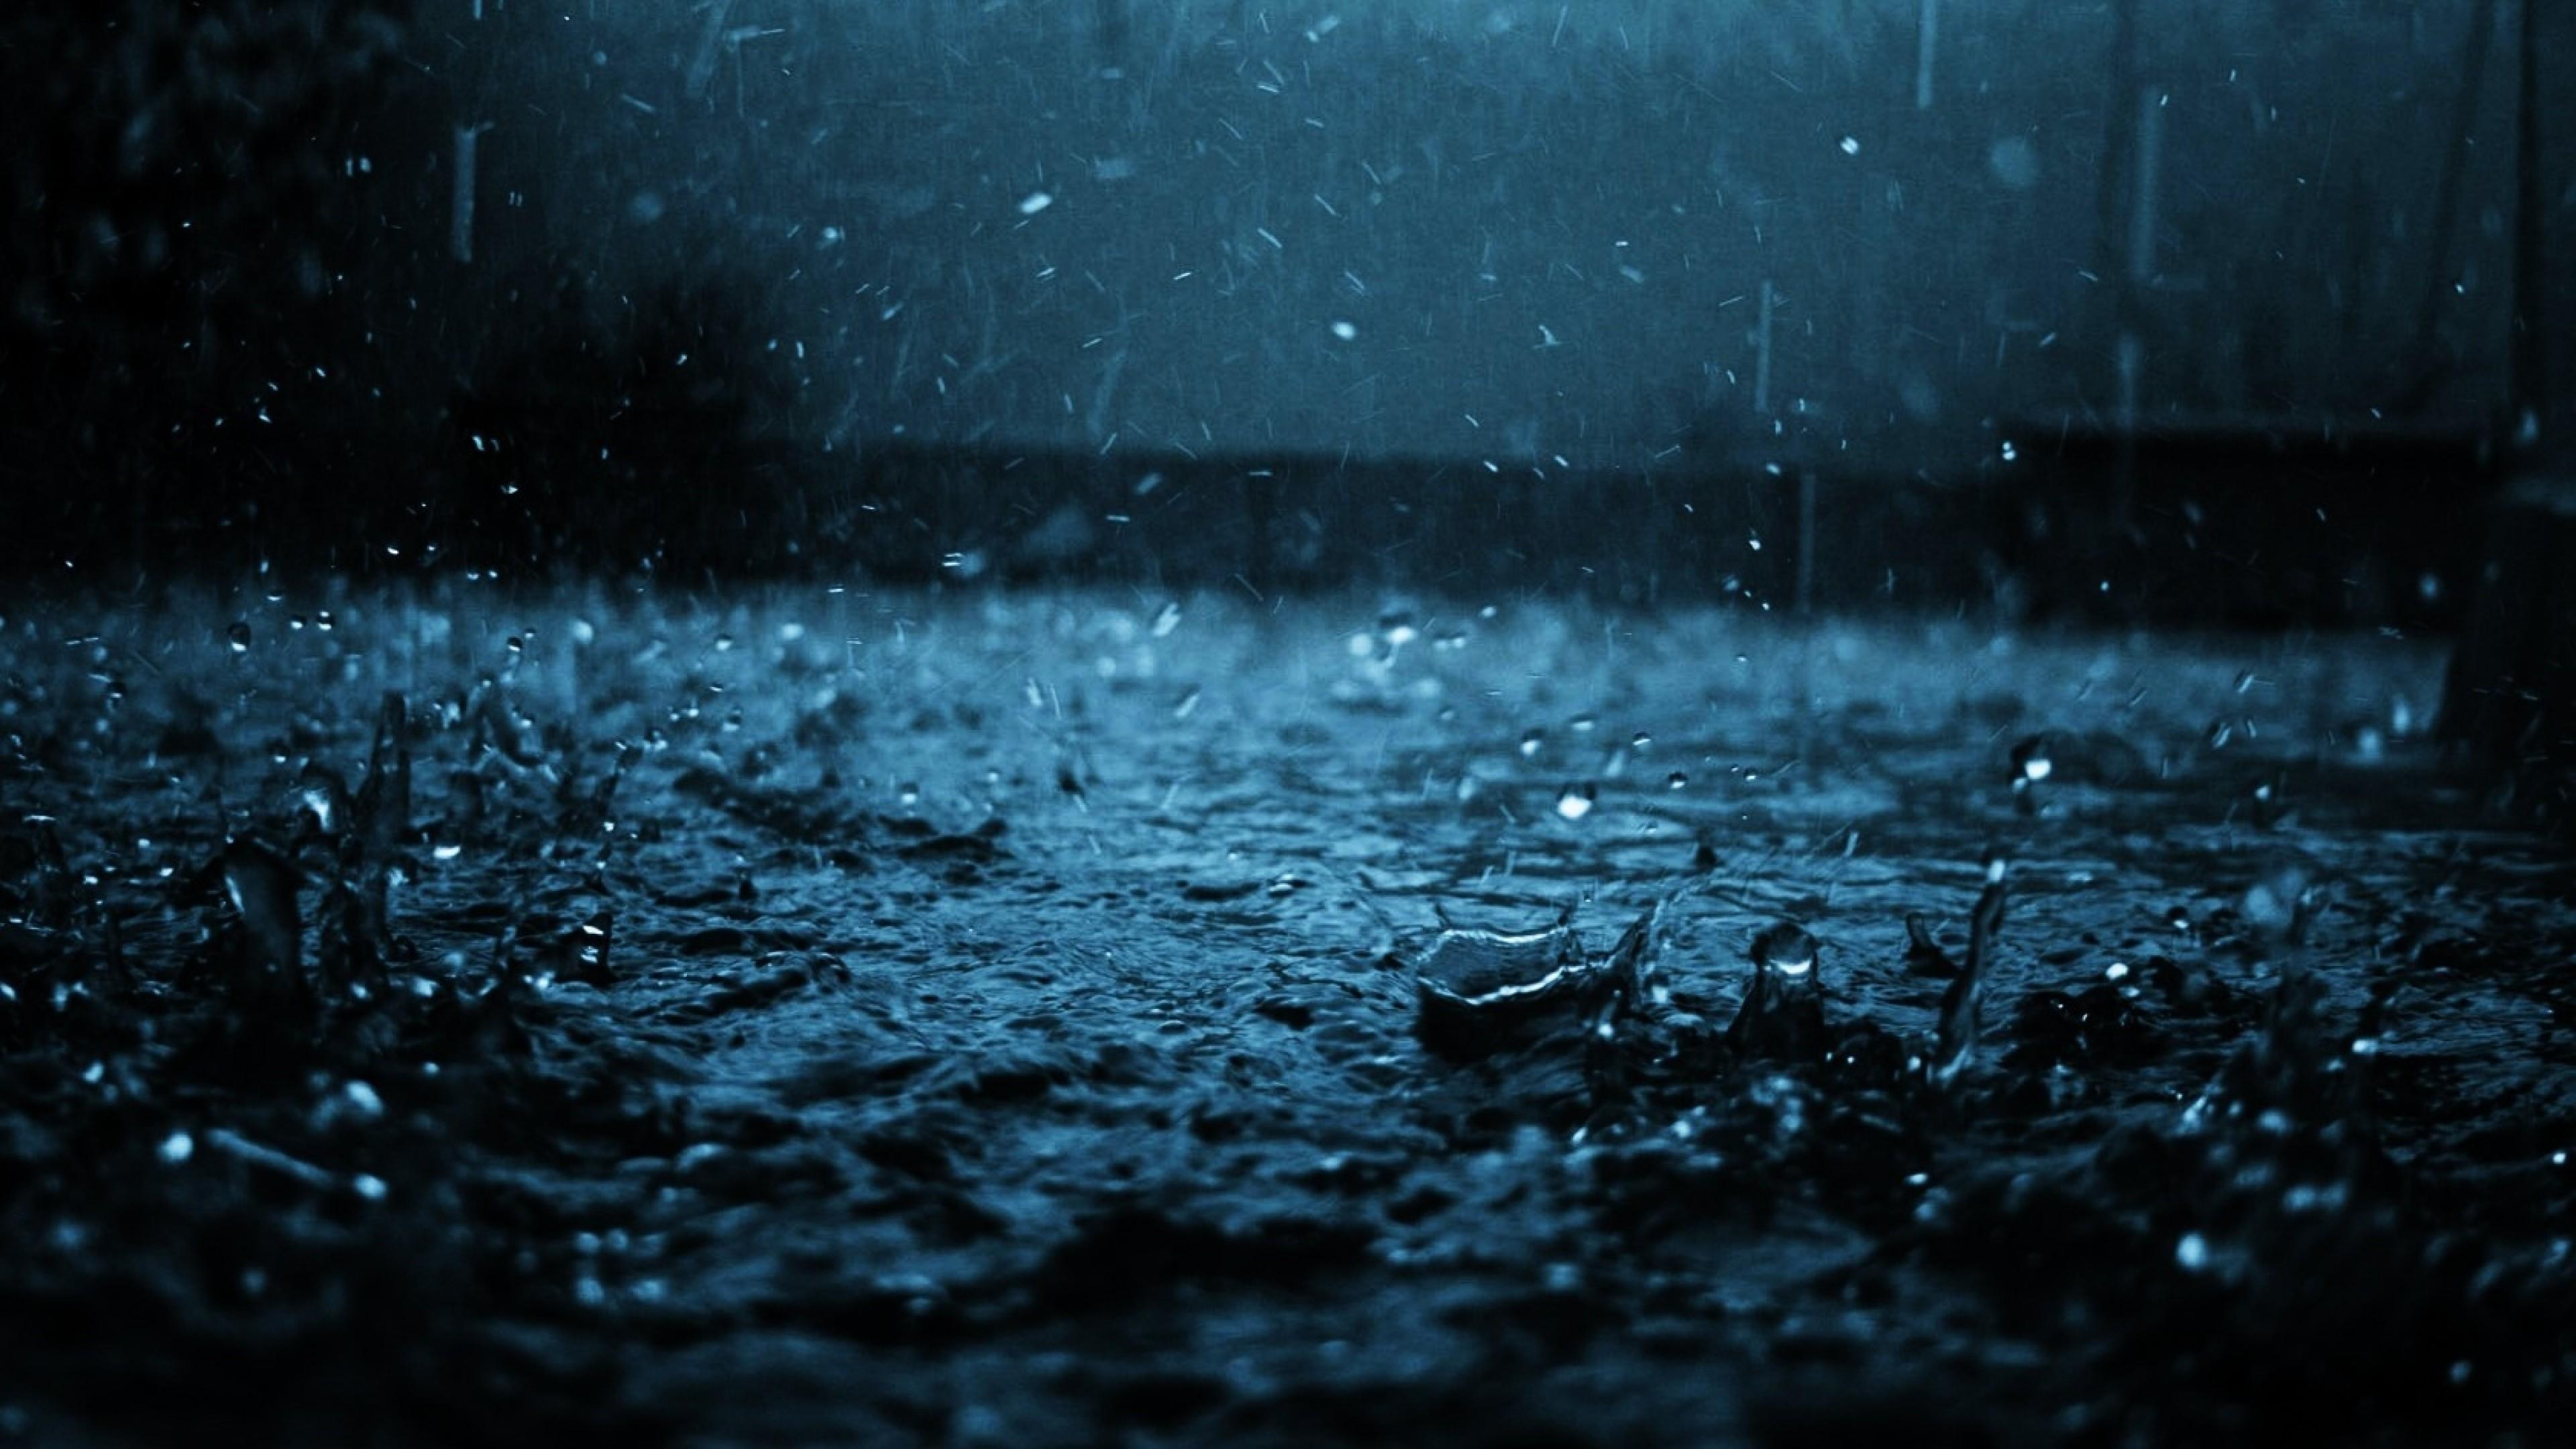 Wallpaper close-up, drop, black, blue, rain